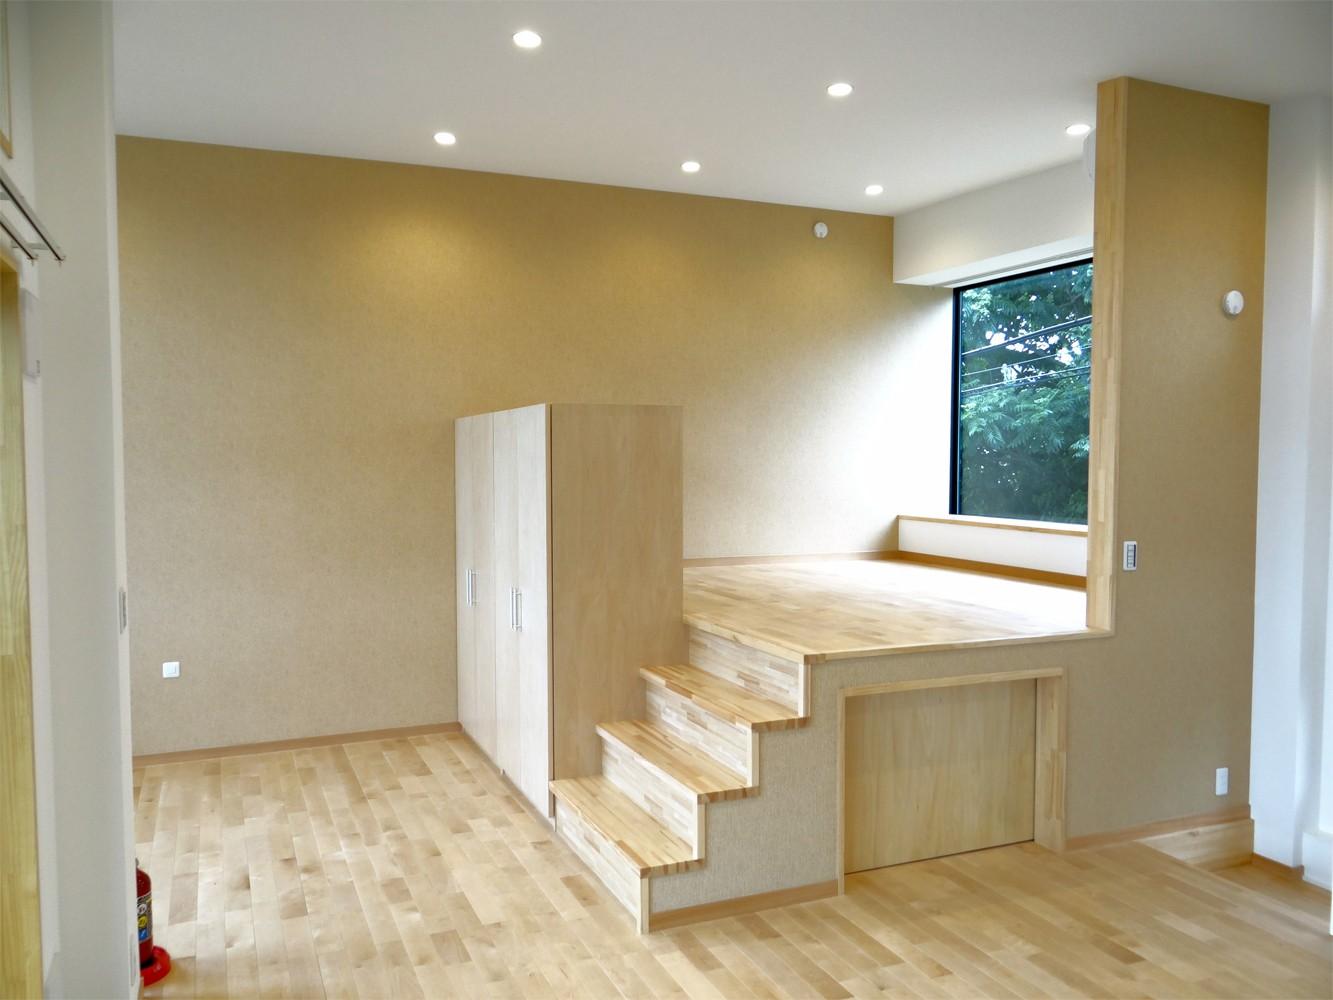 コアジロハウス 住戸B ―眺望を最大限に生かした共同住宅ー (寝室)